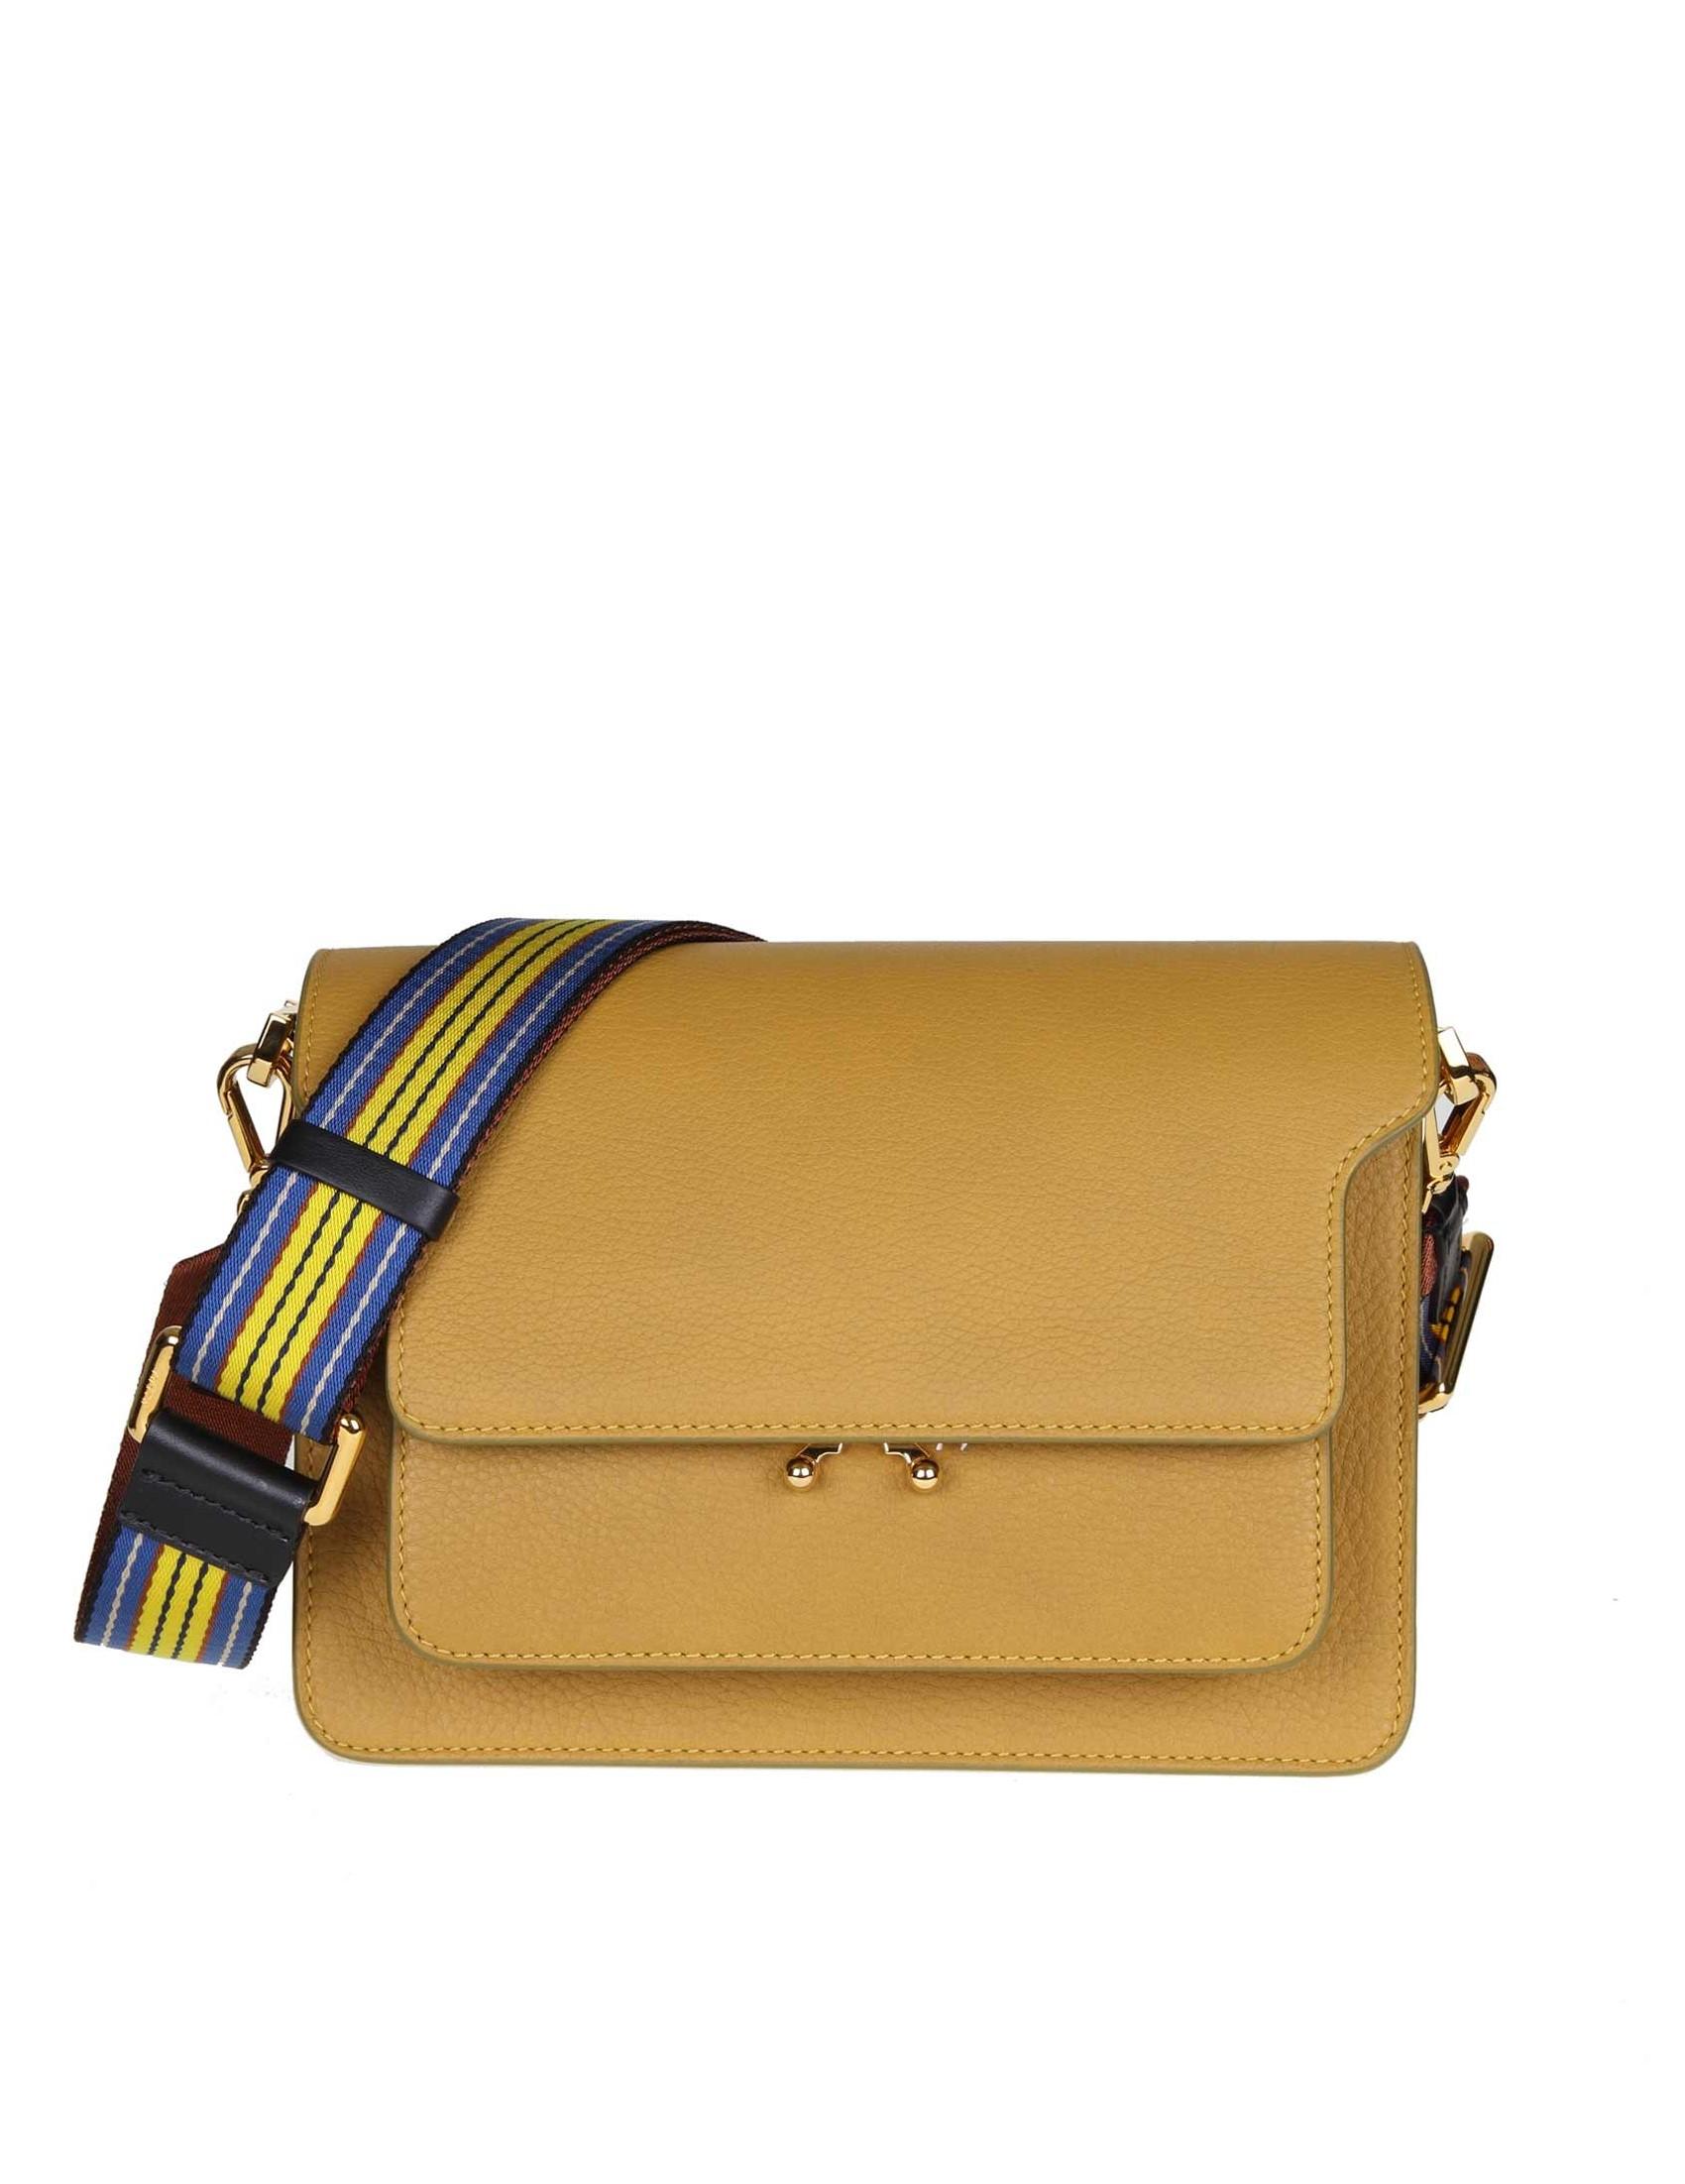 shoulder bag. Adjustable fabric shoulder strap. Mustard color. Lock with  pressure mechanism. A pocket under the flap. A pocket on the back. Two  internal ... 74a39e3c459b3